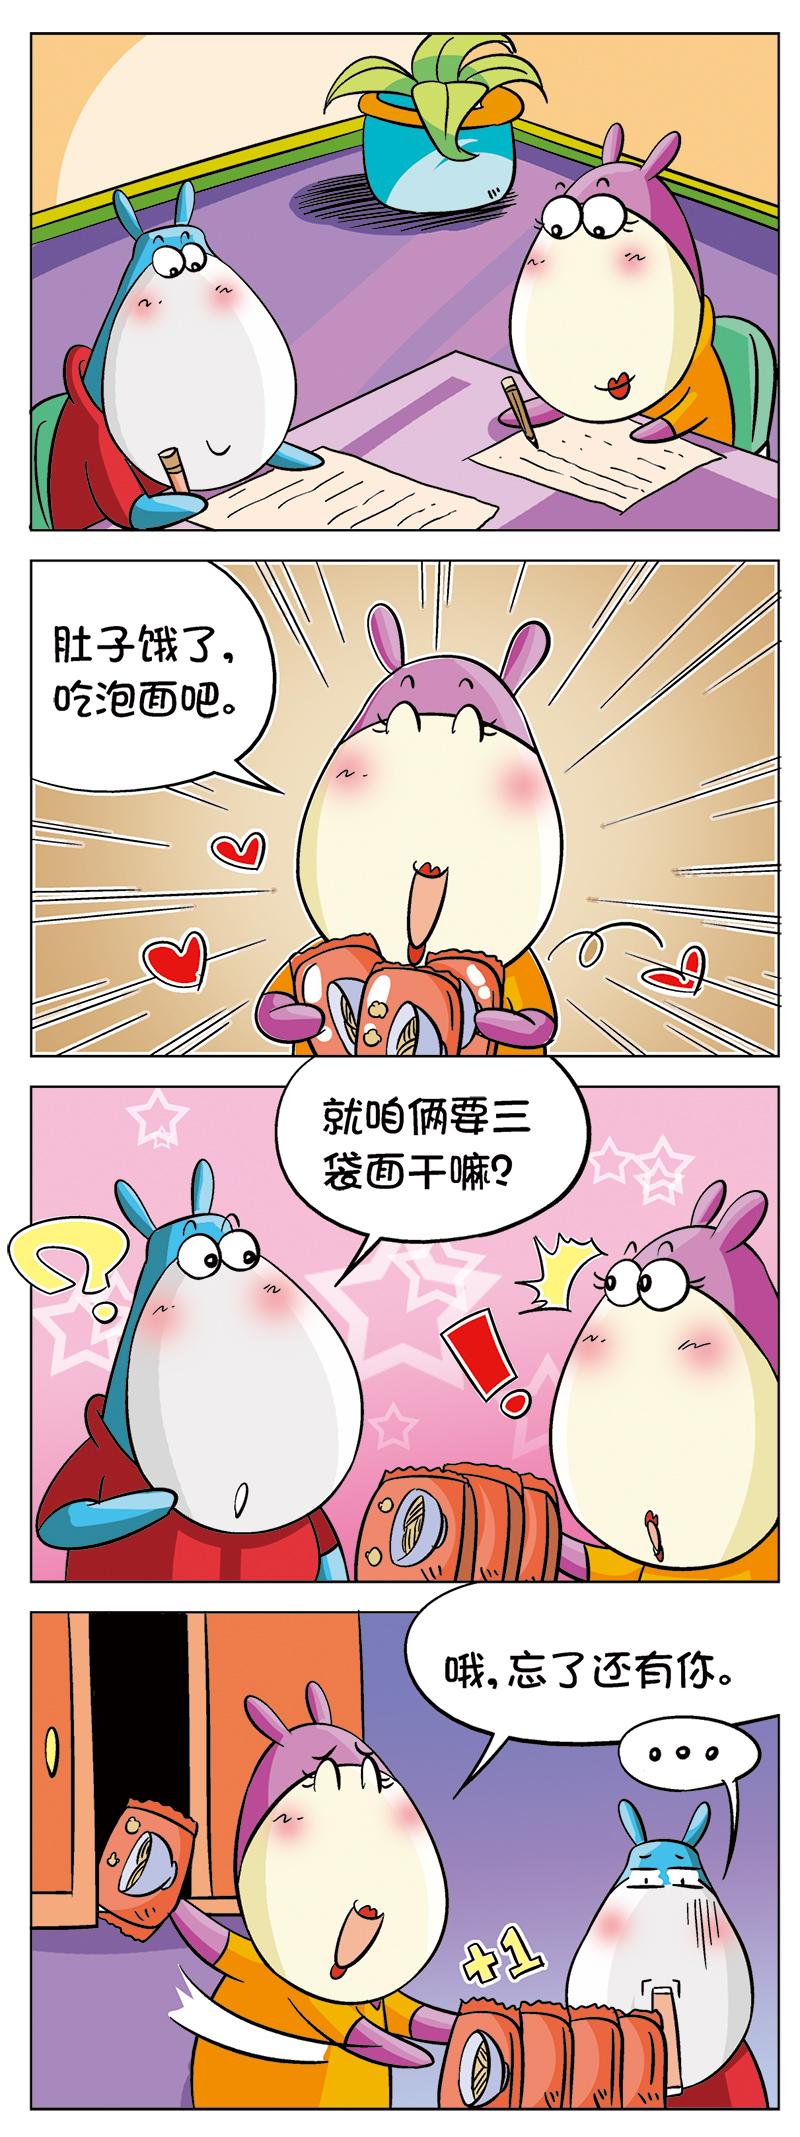 呆奇——玩转校园|短篇/四格漫画|动漫|donki - 原创